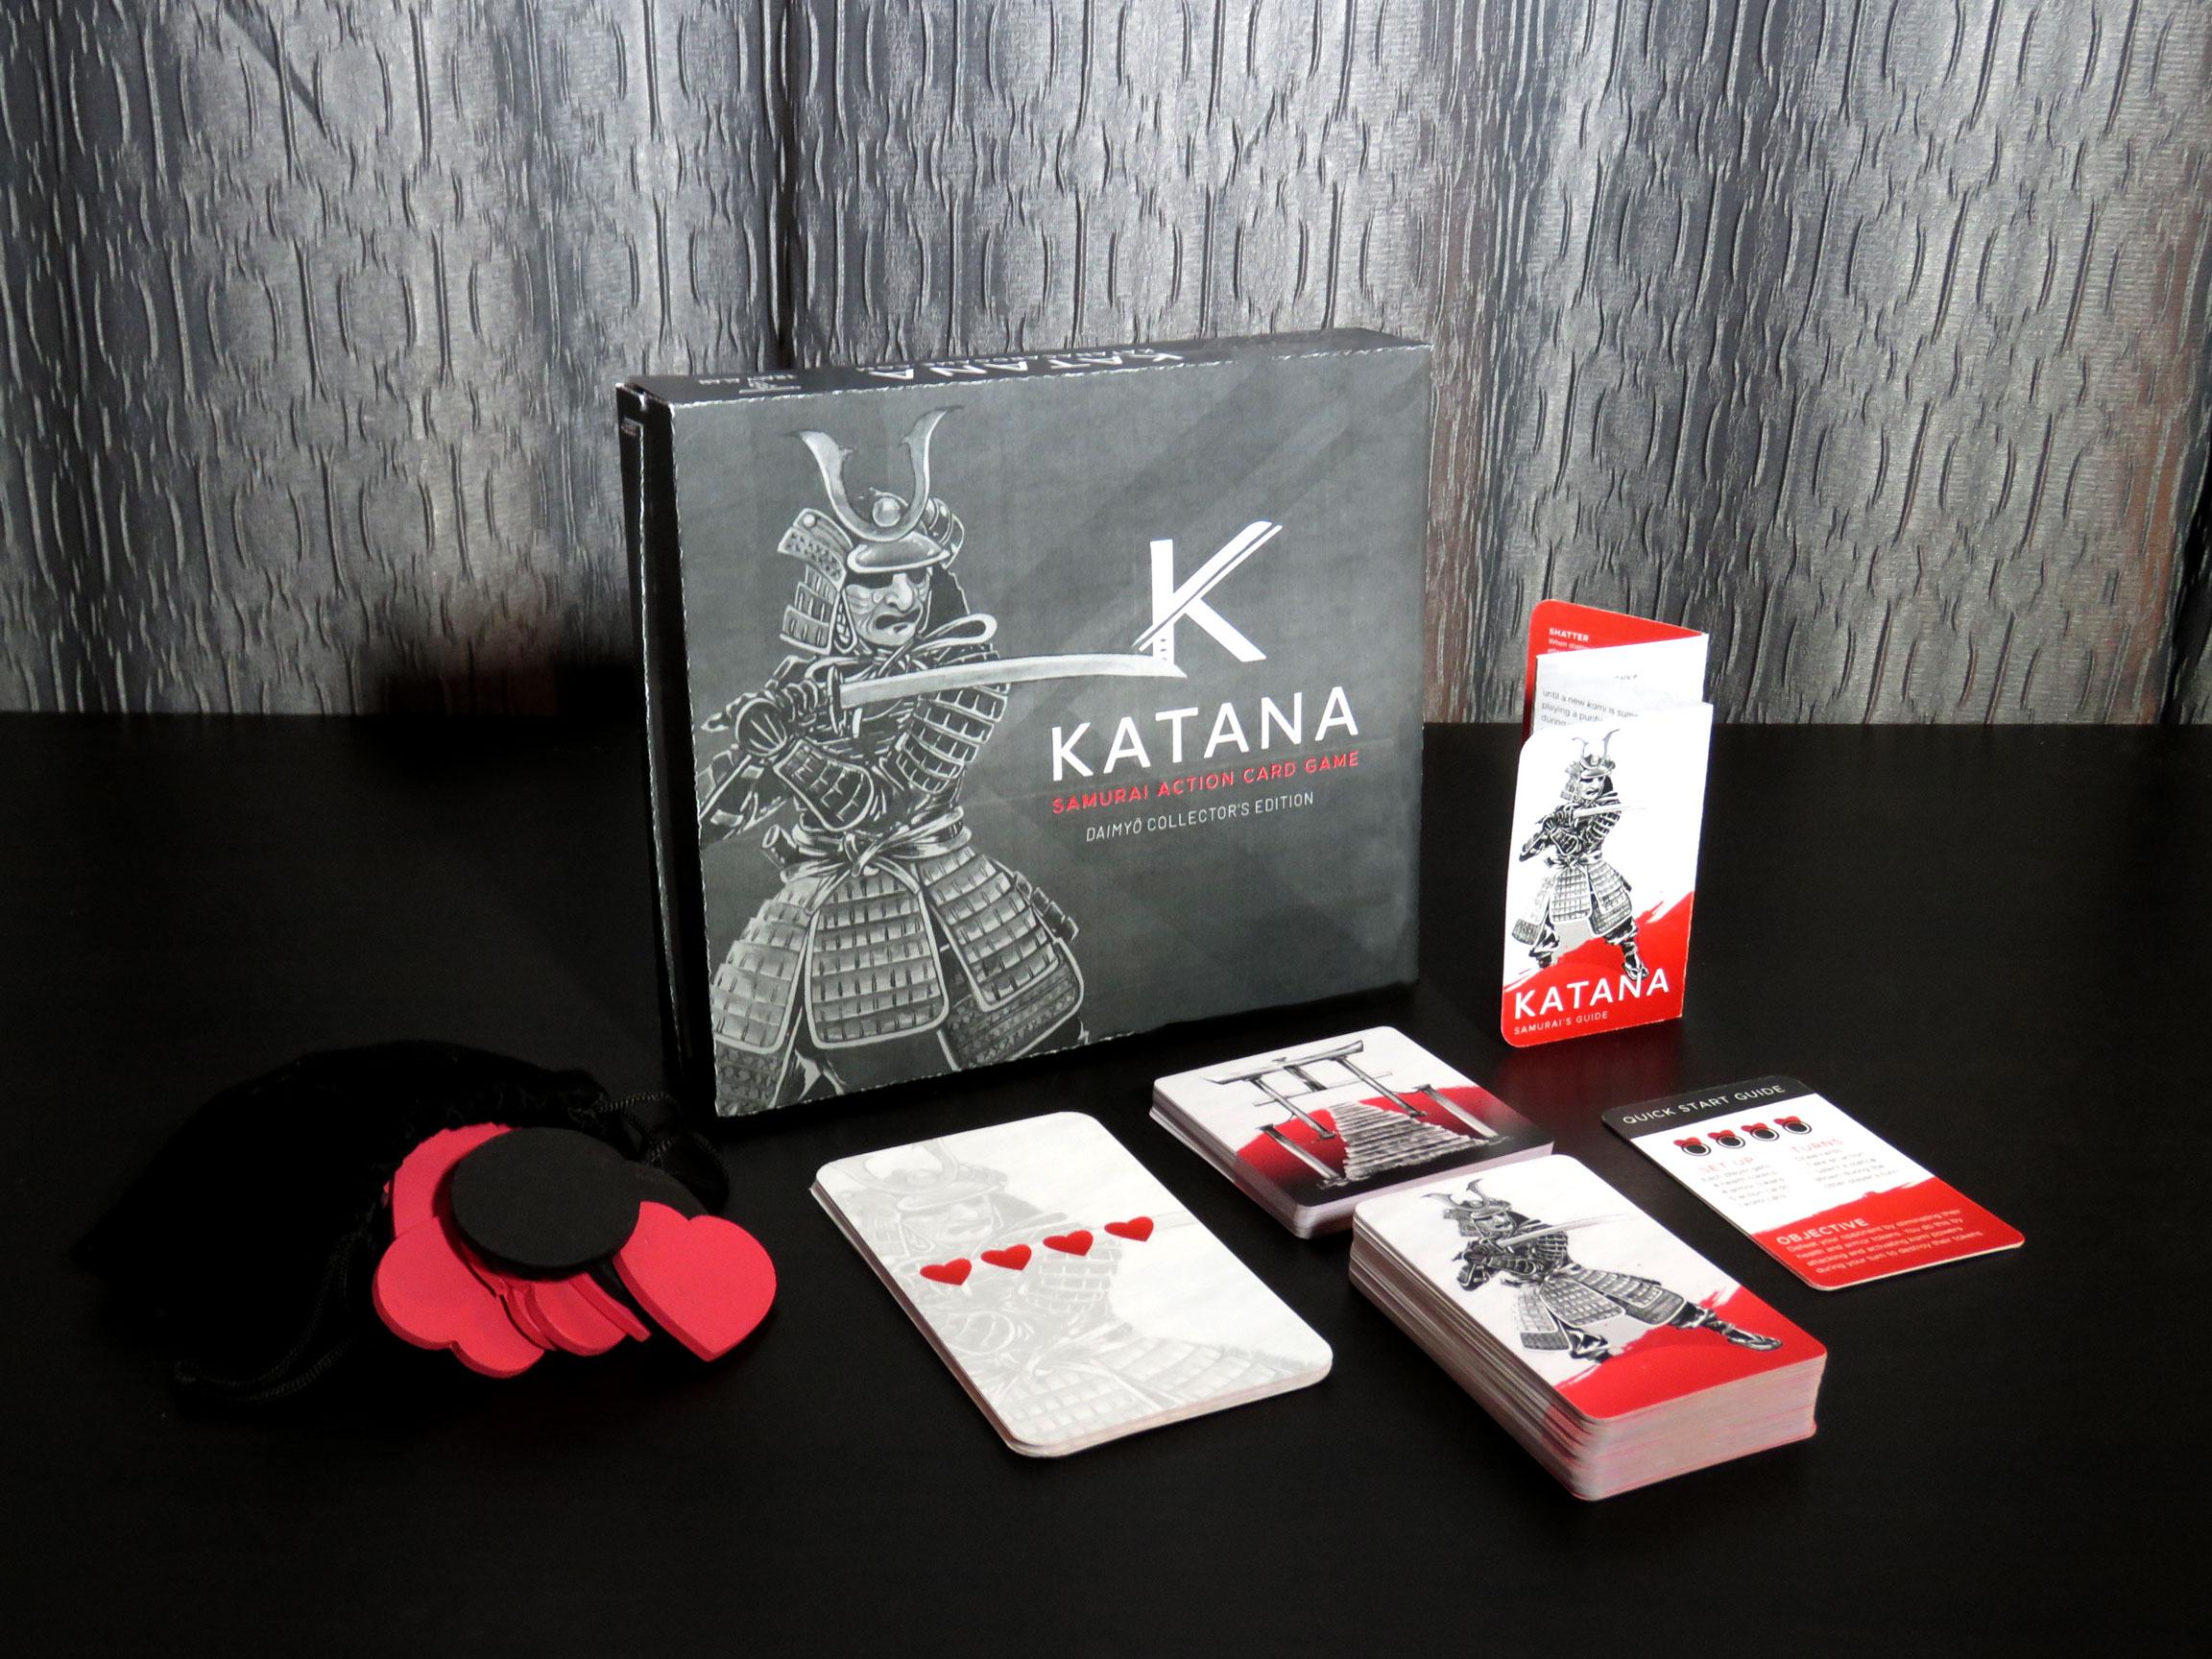 Katana—Daimyō Collector's Edition